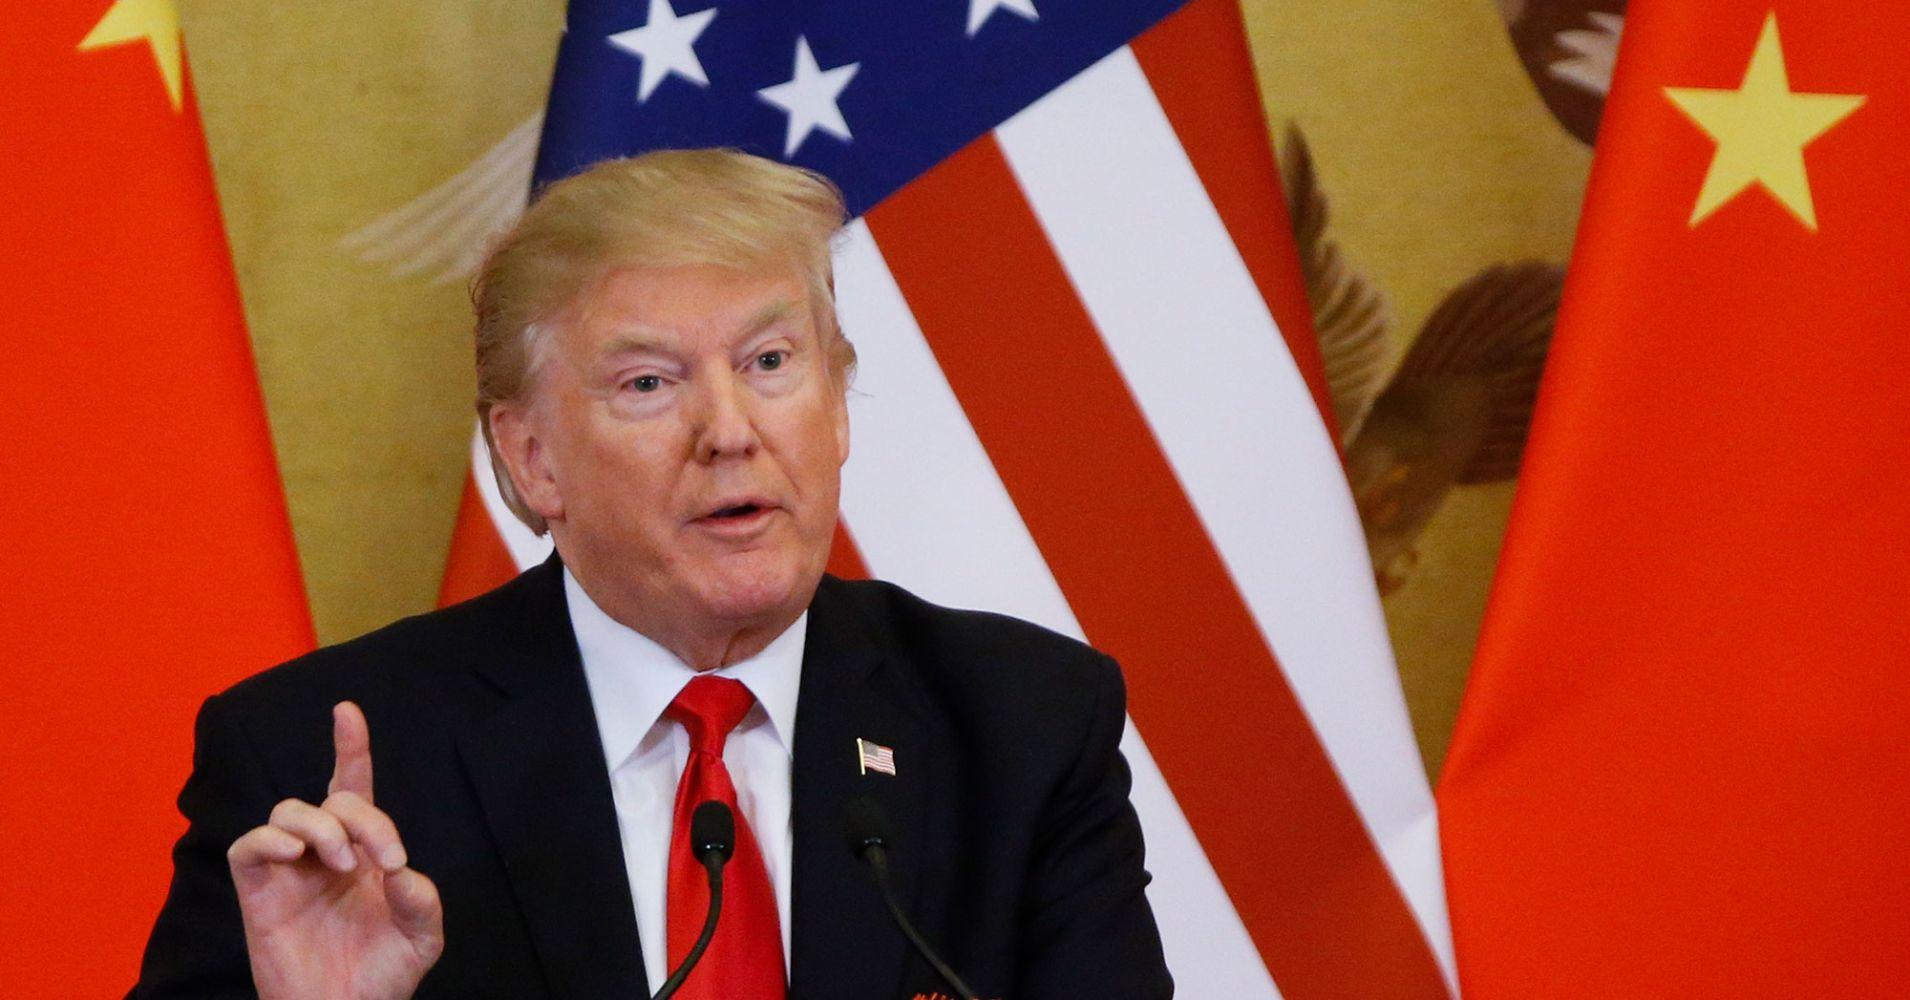 特朗普表示,尽管谈判,但仍需要对200亿美元的中国商品征收关税  自动外汇机器人和信号